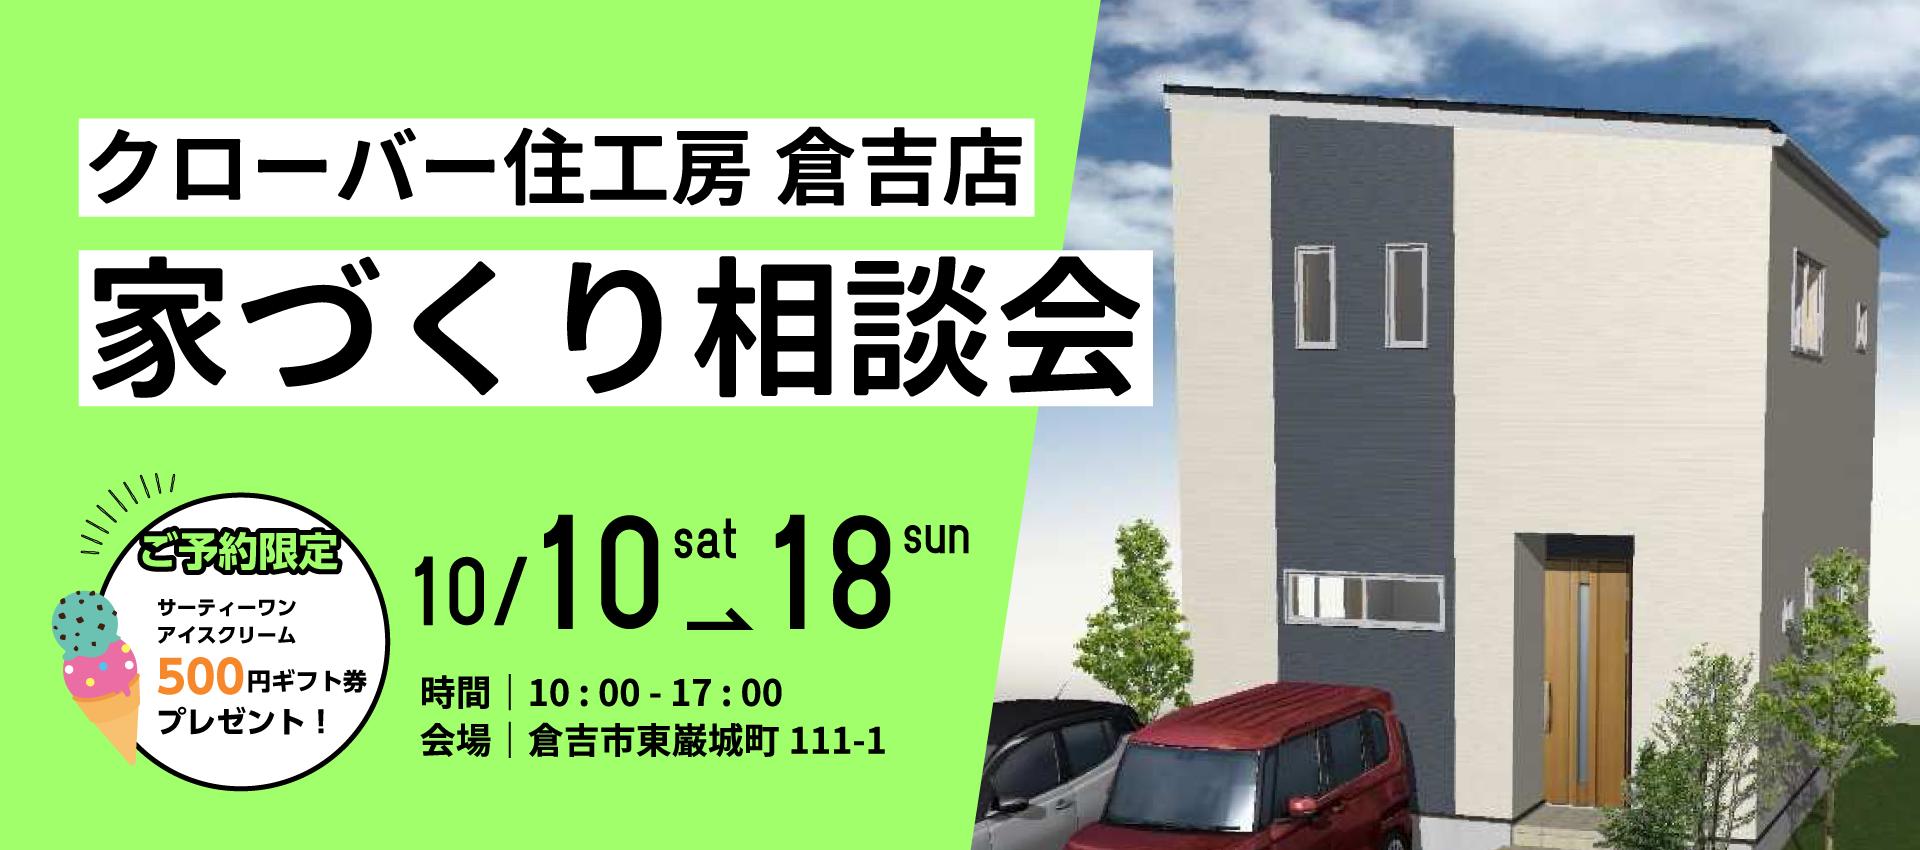 10/10-10/18家づくり相談会